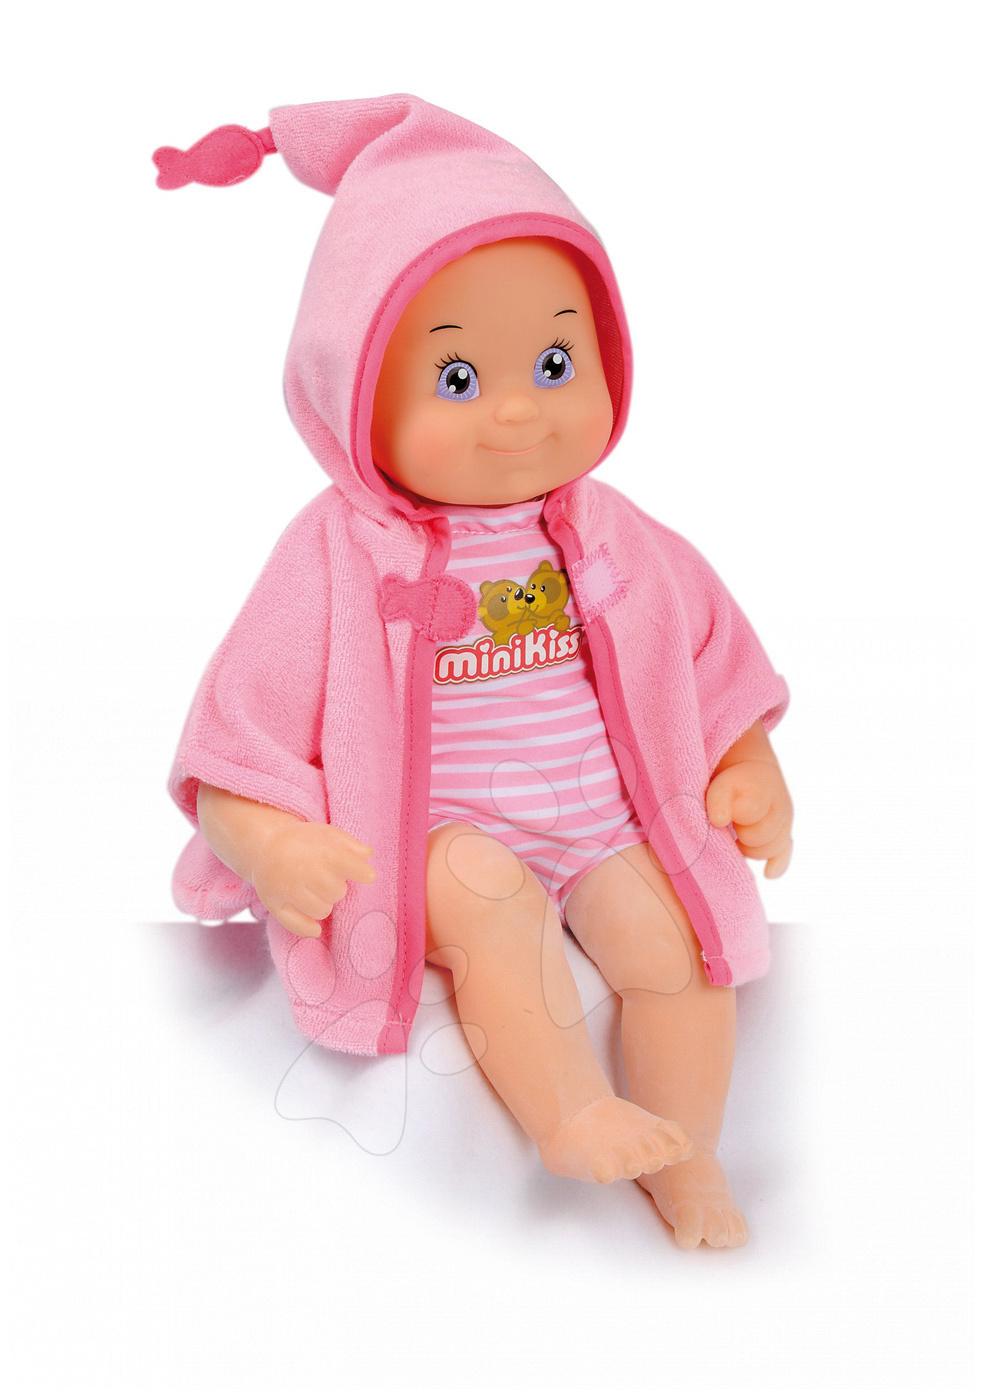 Bábiky od 9 mesiacov - Bábika so zvukmi MiniKiss Smoby na kúpanie 27 cm ružová od 12 mes